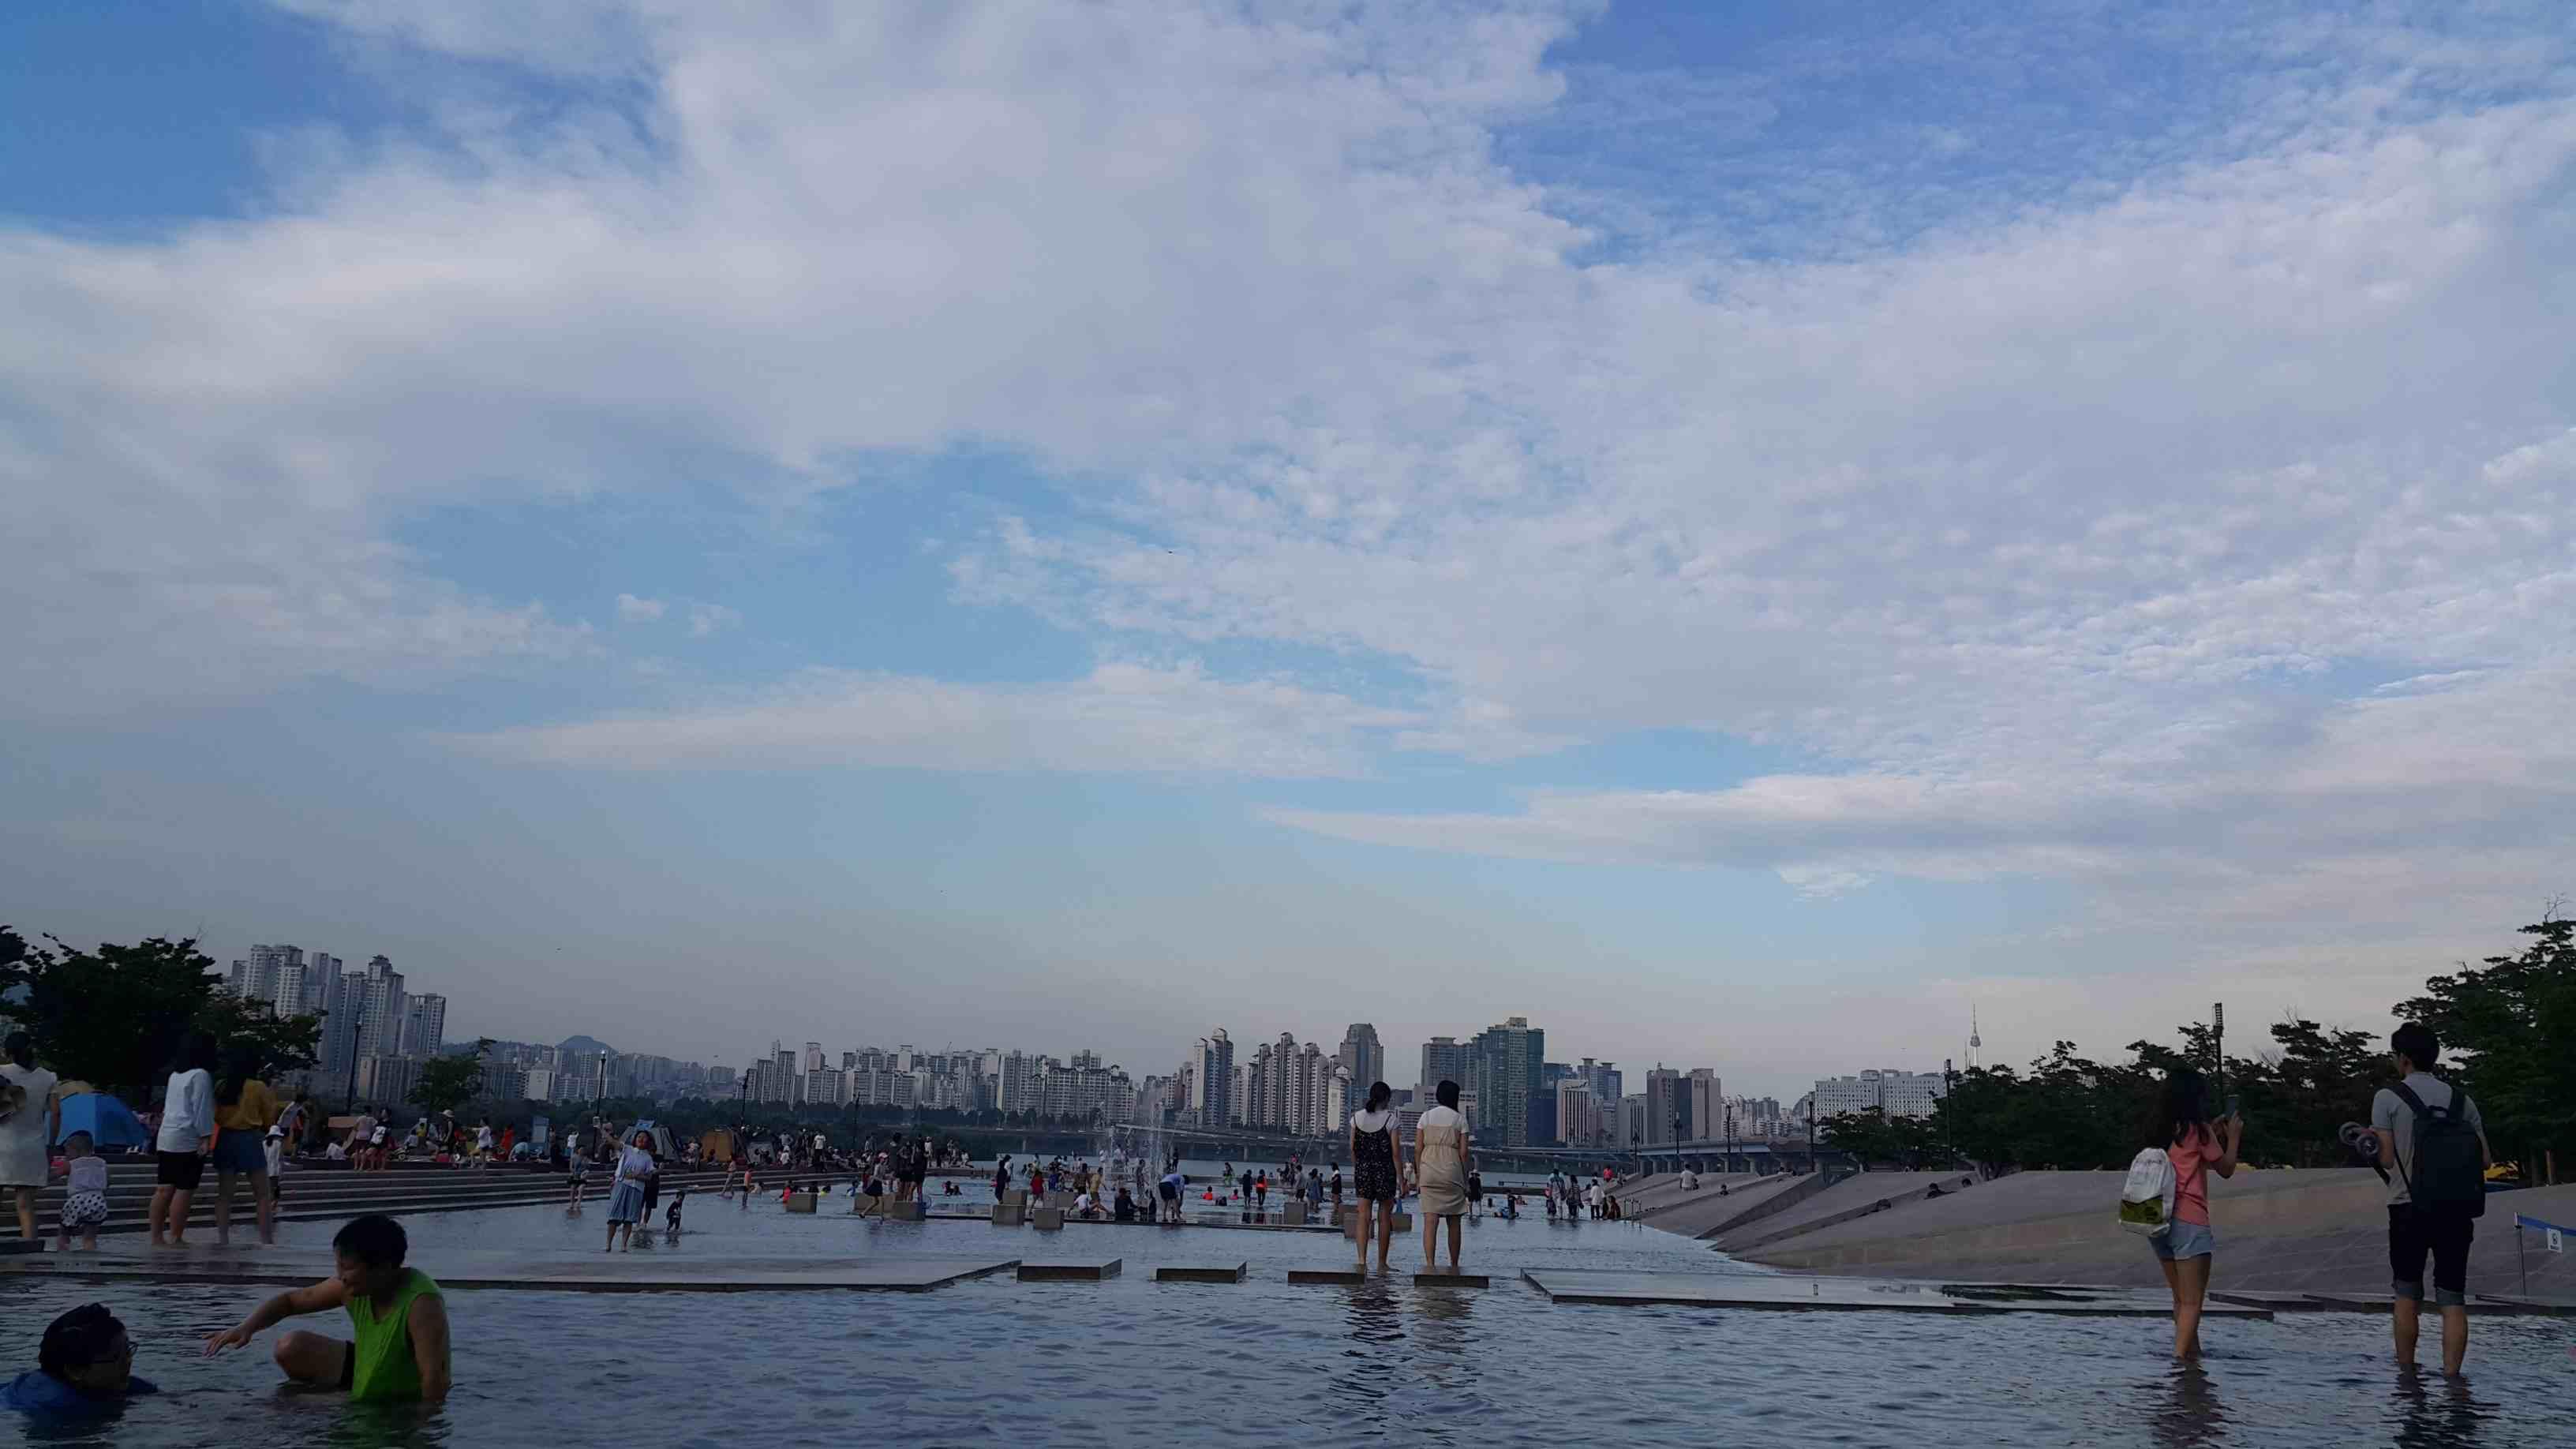 漢江是韓國人與遊客都很喜歡的休憩地方,也是情侶拍拖的好去處